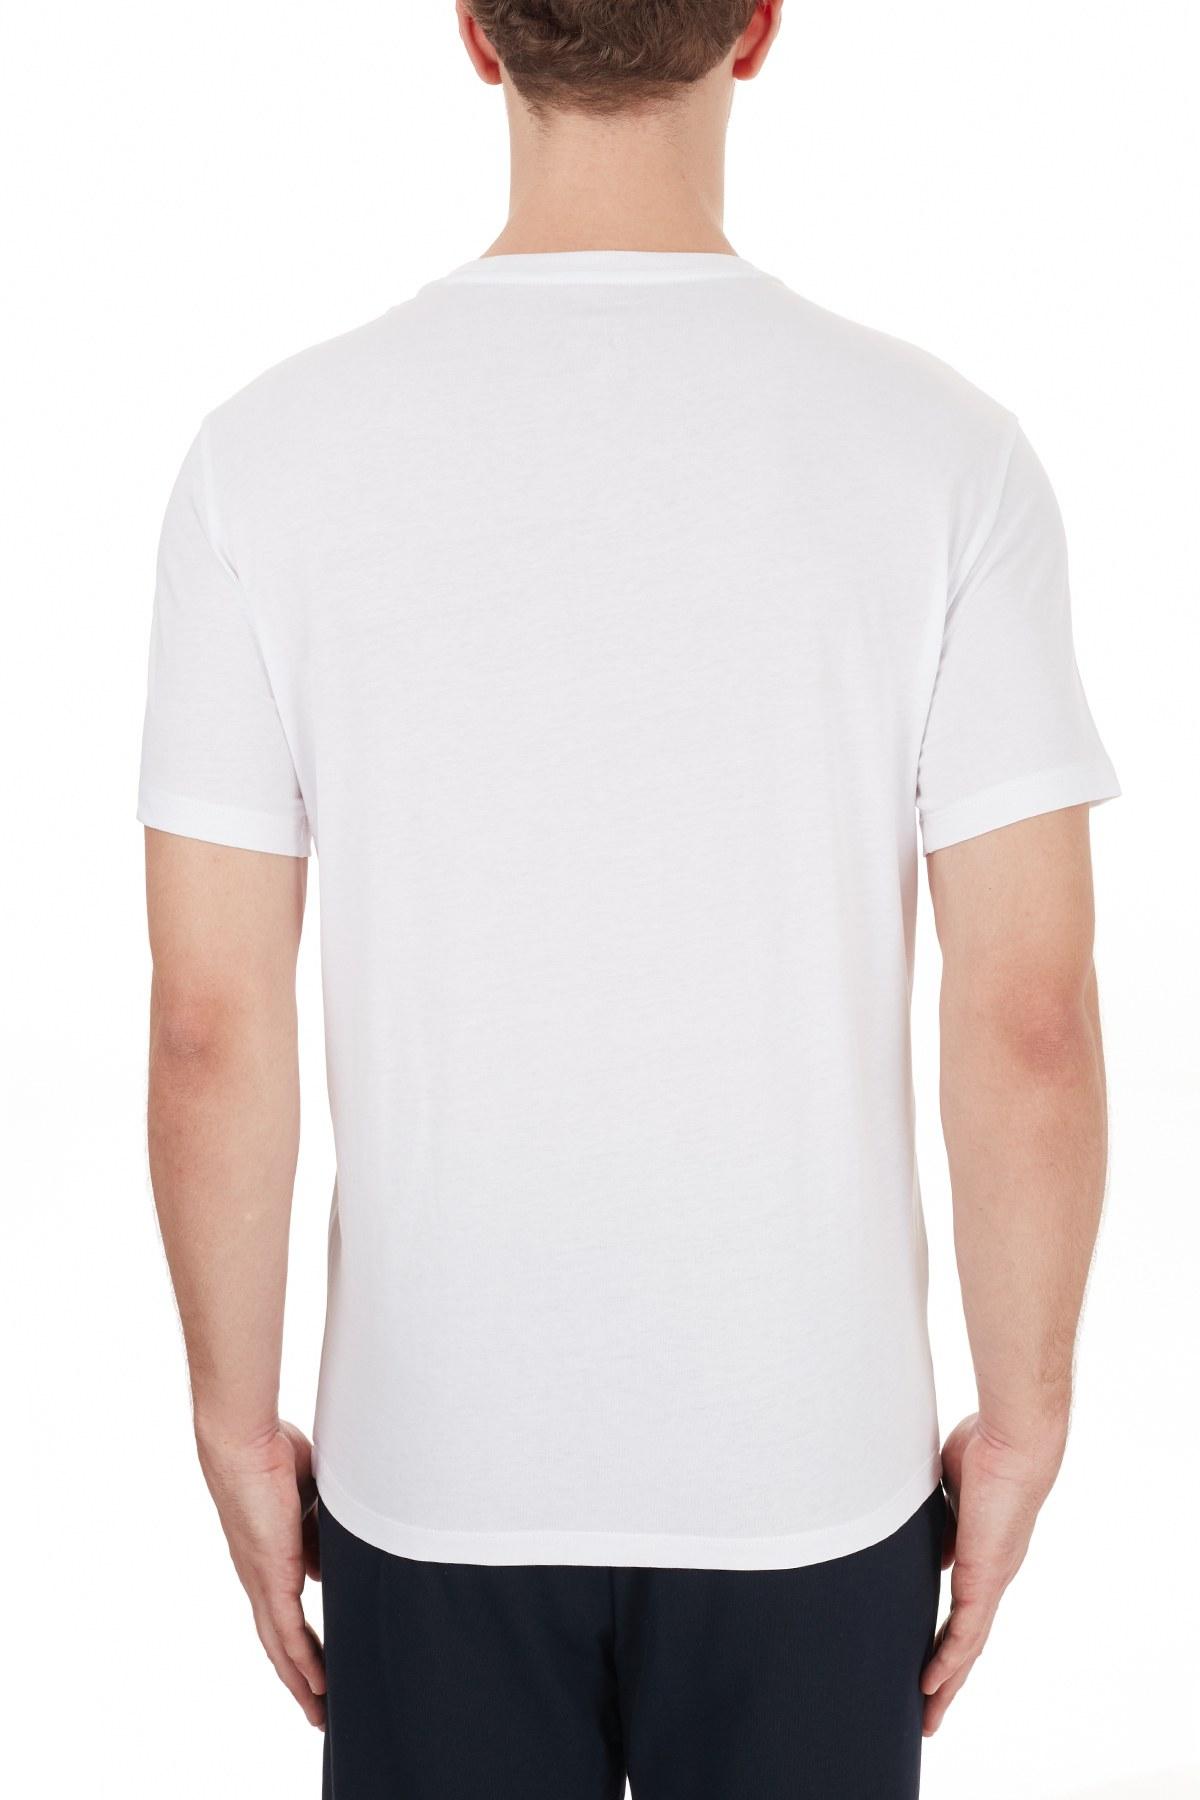 Armani Exchange % 100 Pamuklu Bisiklet Yaka Regular Fit Erkek T Shirt 6HZTFD ZJH4Z 1100 BEYAZ